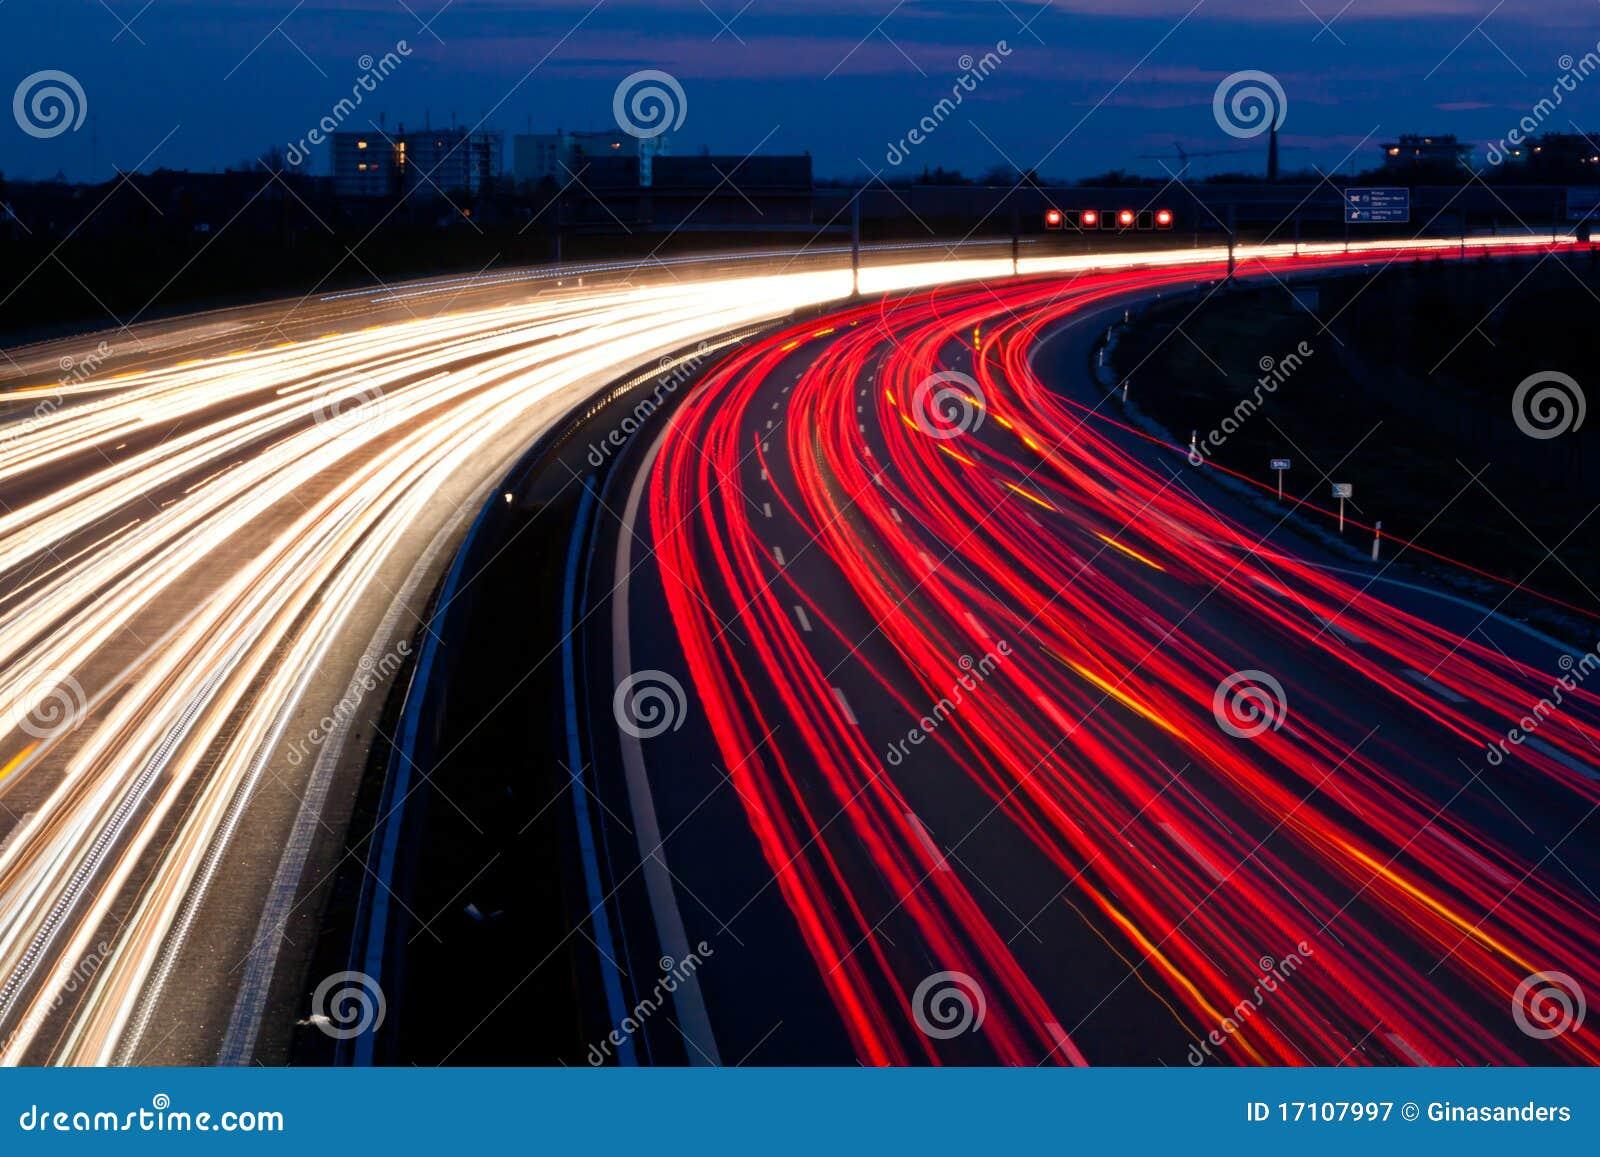 Autos waren in der Nacht auf einer Datenbahn